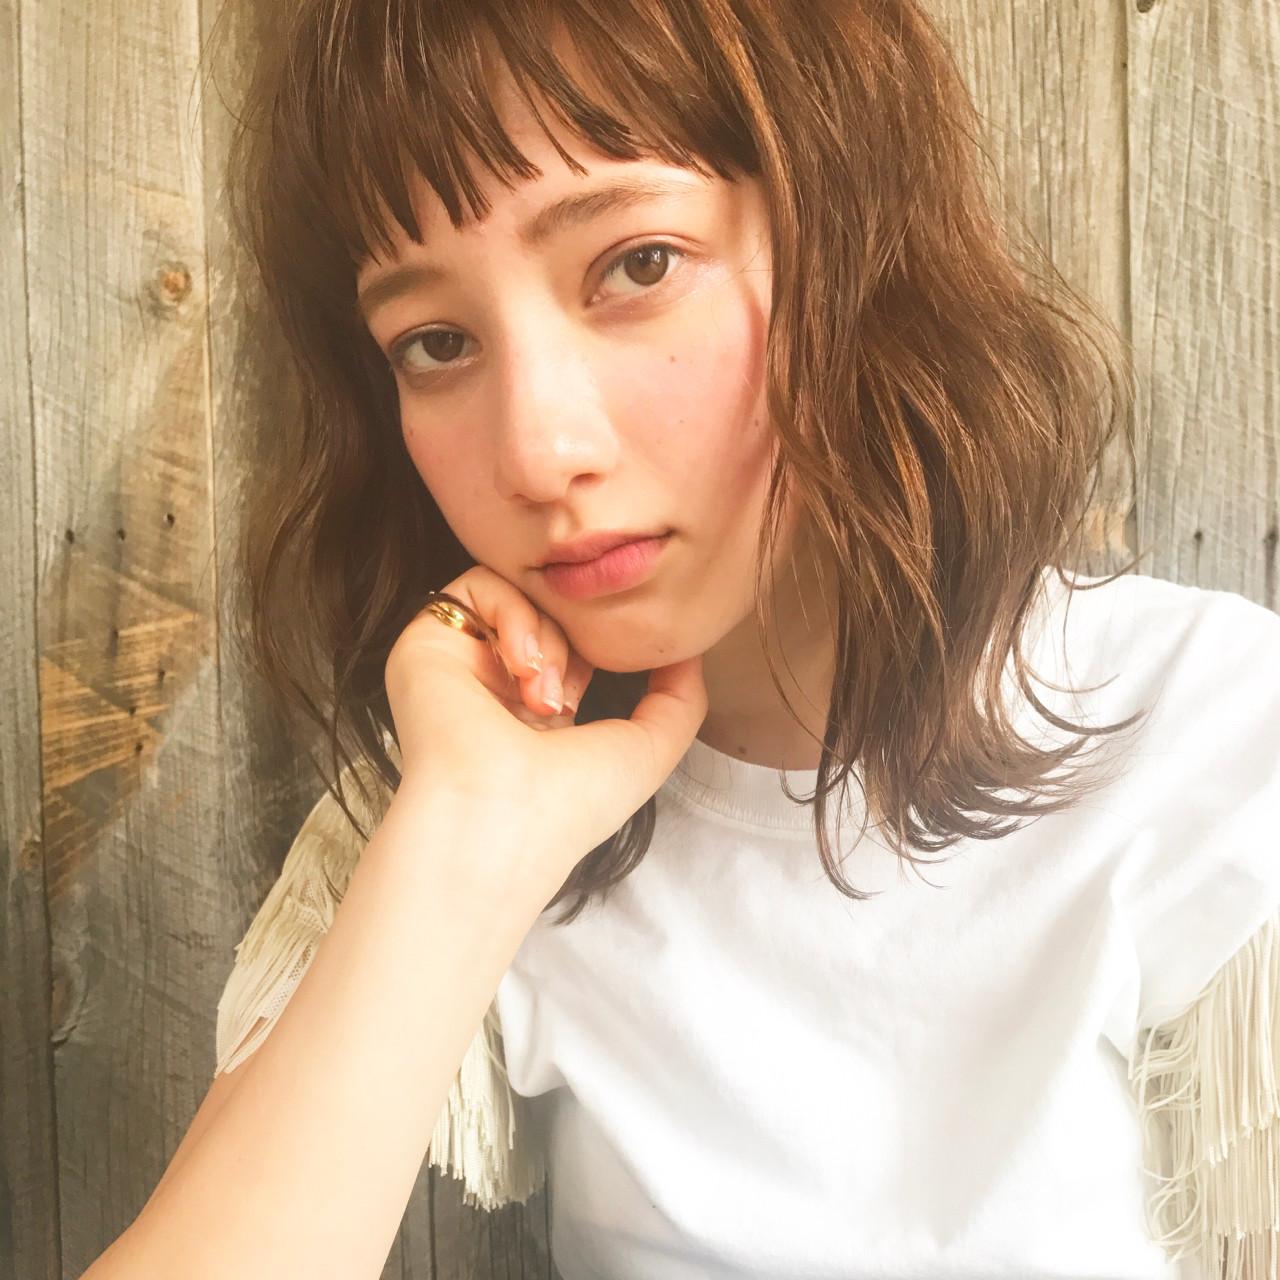 ヘアアレンジ フェミニン パーマ ウェーブヘアスタイルや髪型の写真・画像